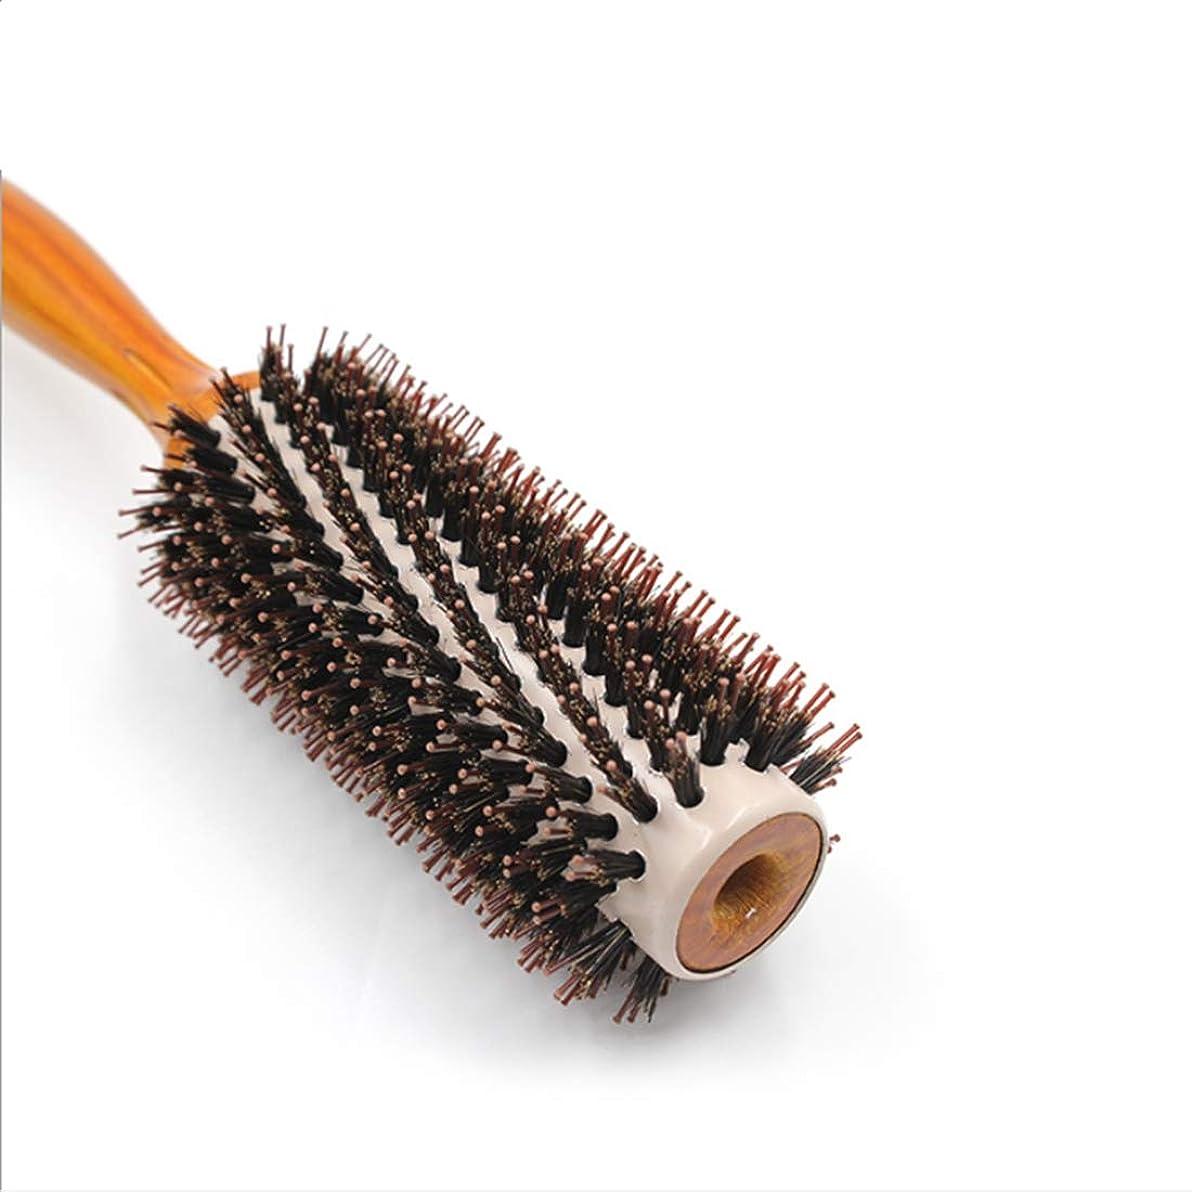 ヒットきらきら包括的(L/M/S/XL)女性のための25.3センチラウンドスタイリングヘアブラシ - ビッグフラワーコーム理髪 - 女性と男性のための自然な木製のハンドルが付いているブローストレート&カーリングロールヘアブラシたてがみ モデリングツール (サイズ : XL)